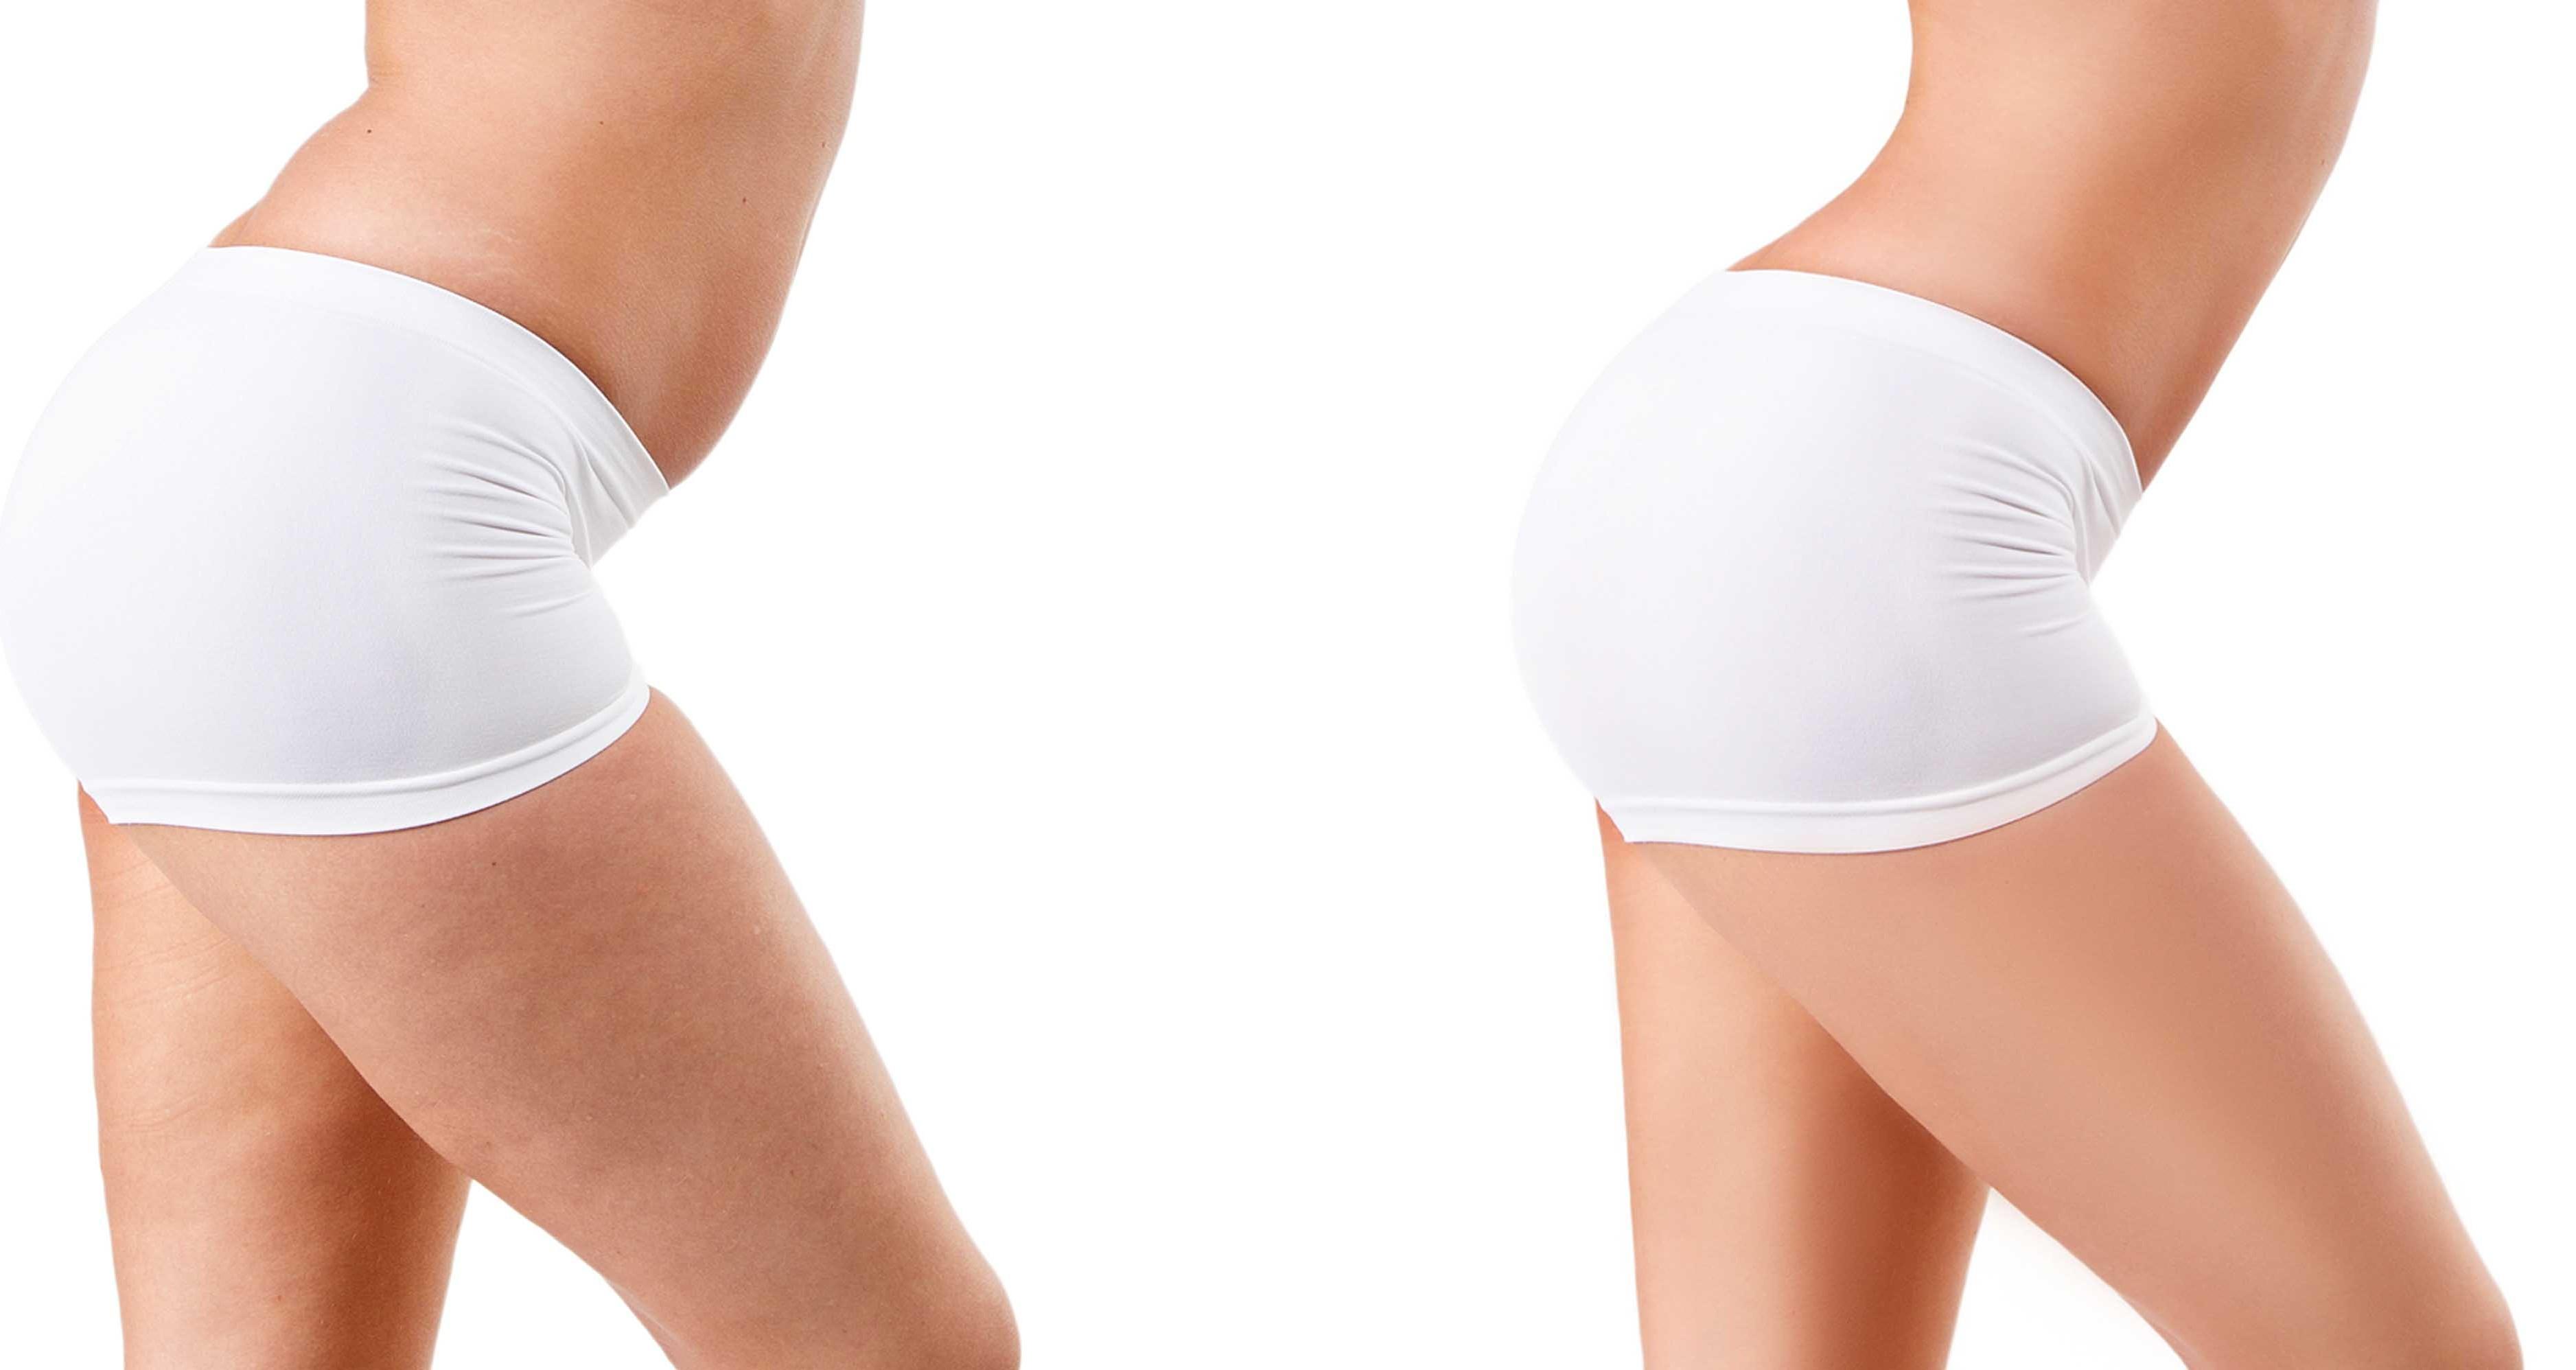 HIFU konsultation slap hud og fedt depoter krop